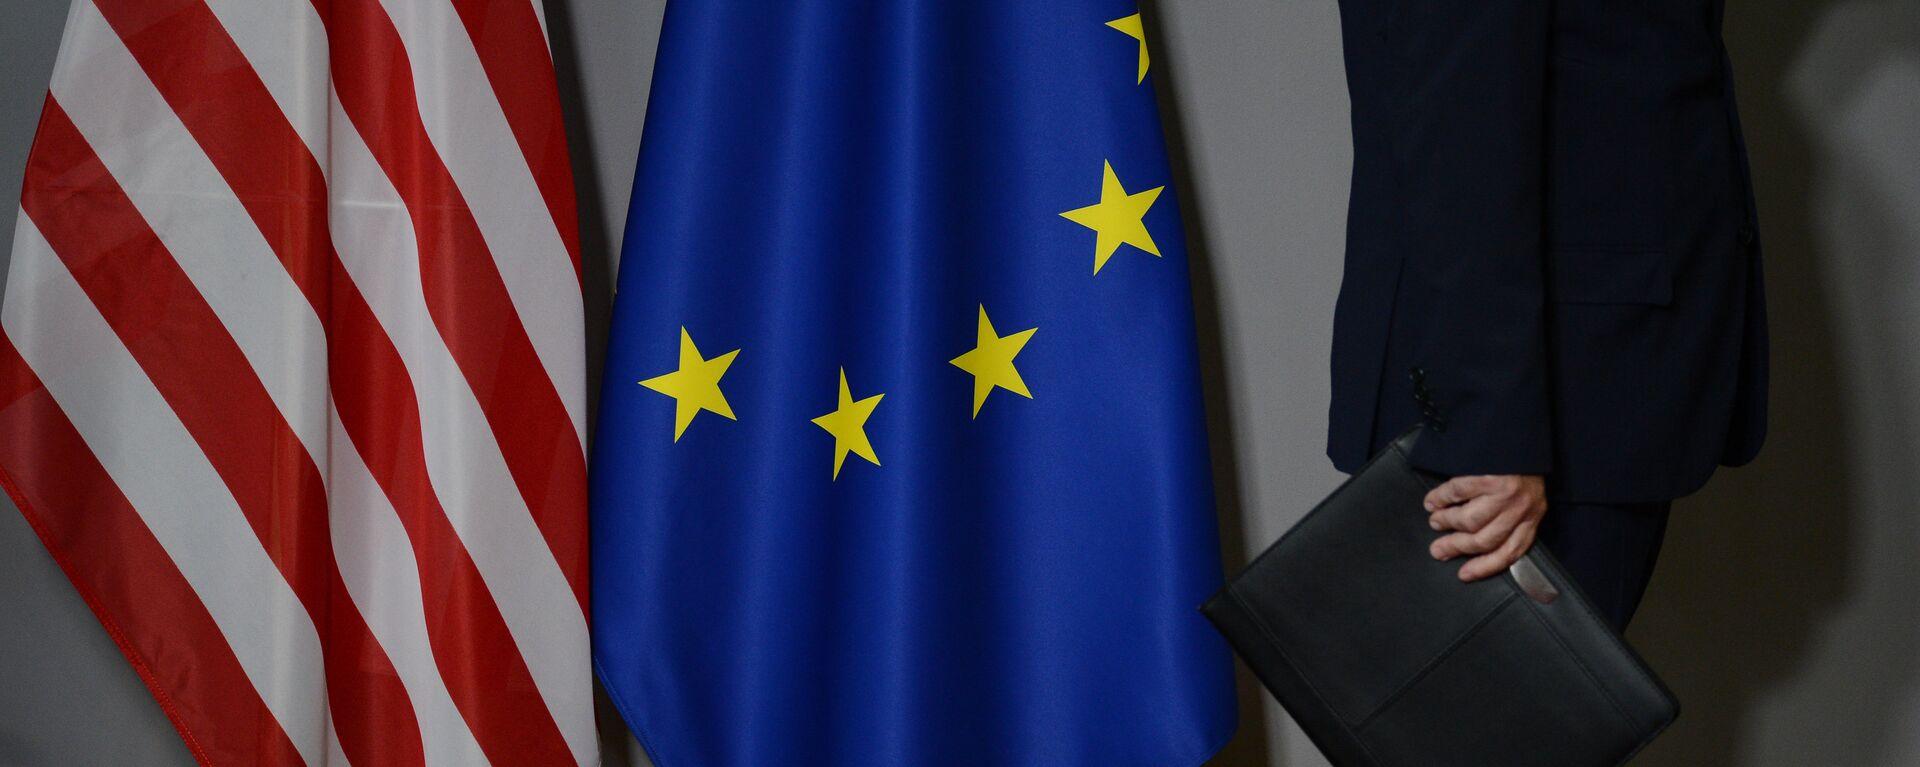 Заставе САД и Европске уније у Бриселу - Sputnik Србија, 1920, 21.09.2021